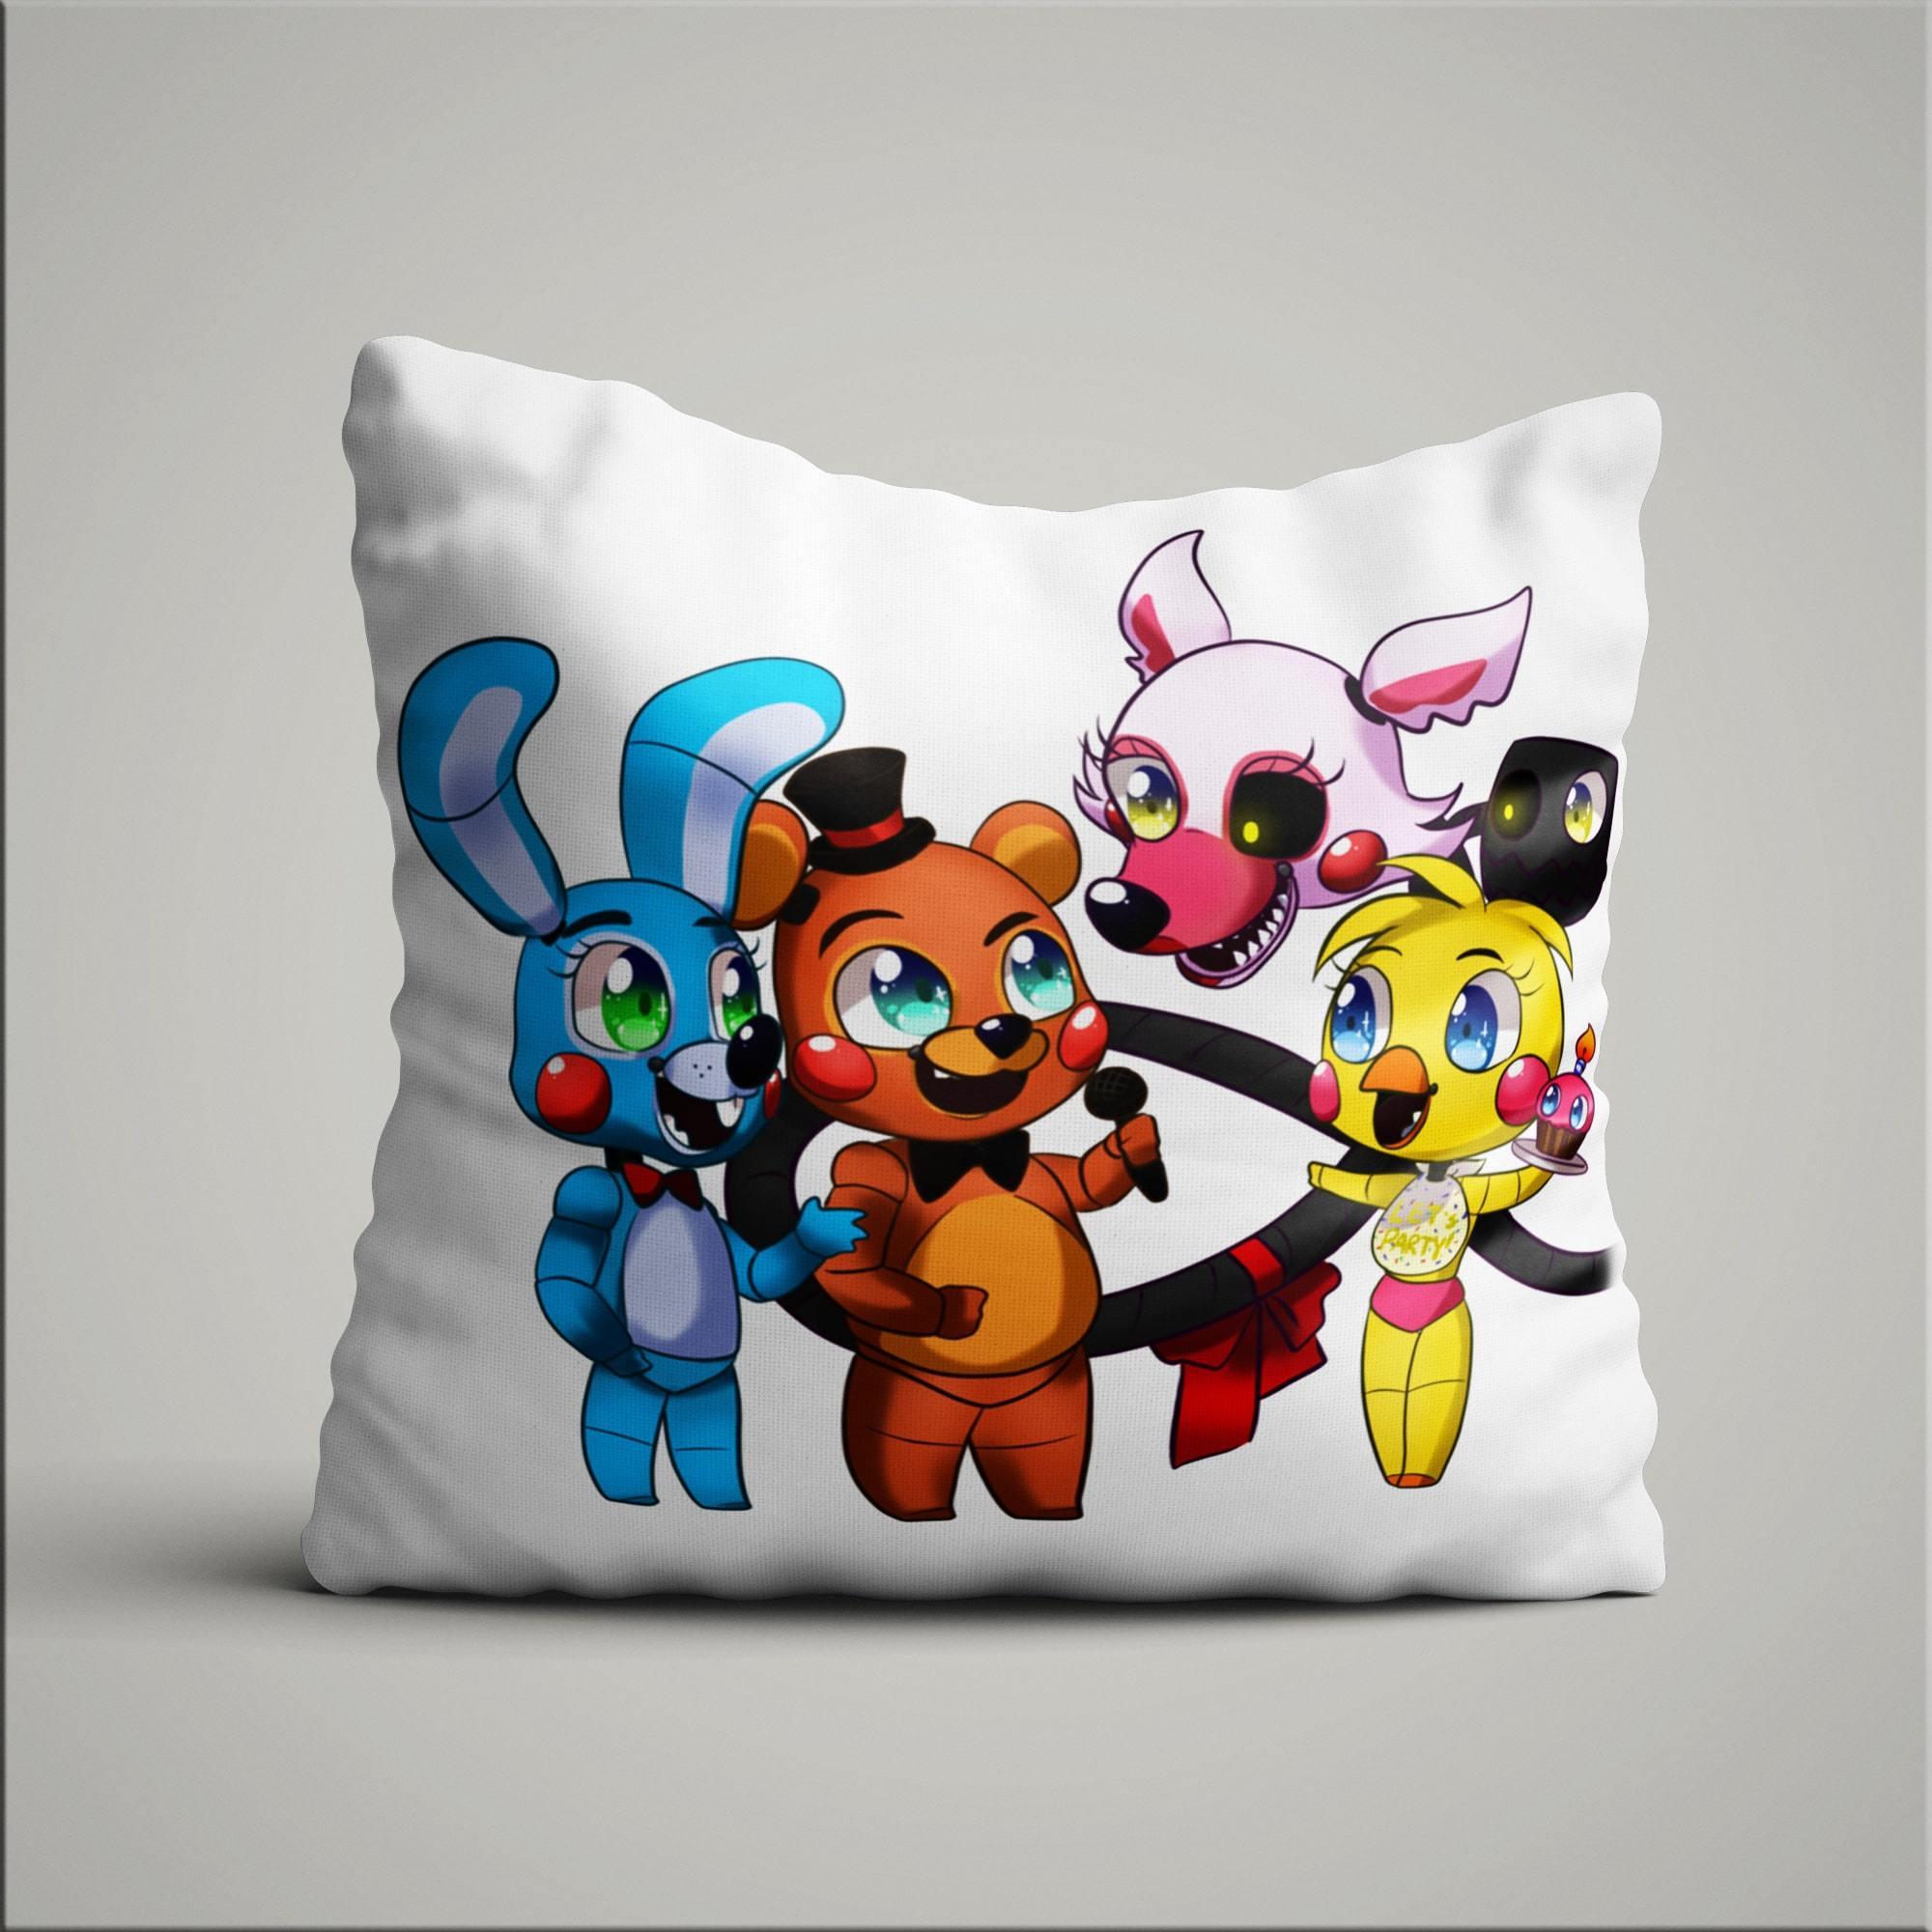 Подушка с героями ФНАФ №1 - купить в интернет-магазине kinoshop24.ru